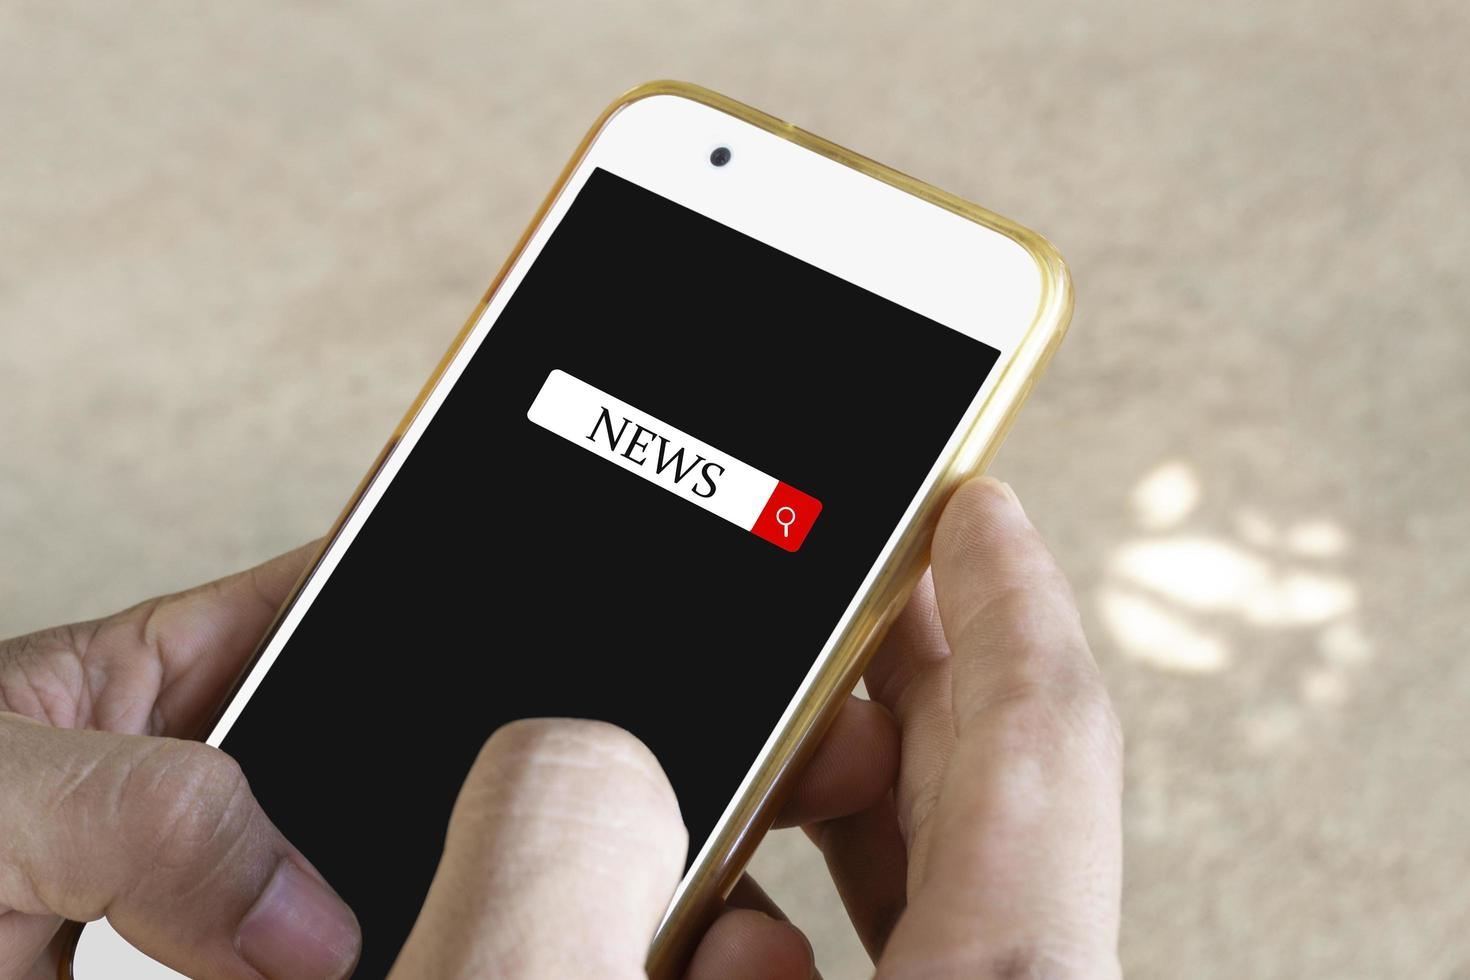 persona alla ricerca di notizie su smartphone foto